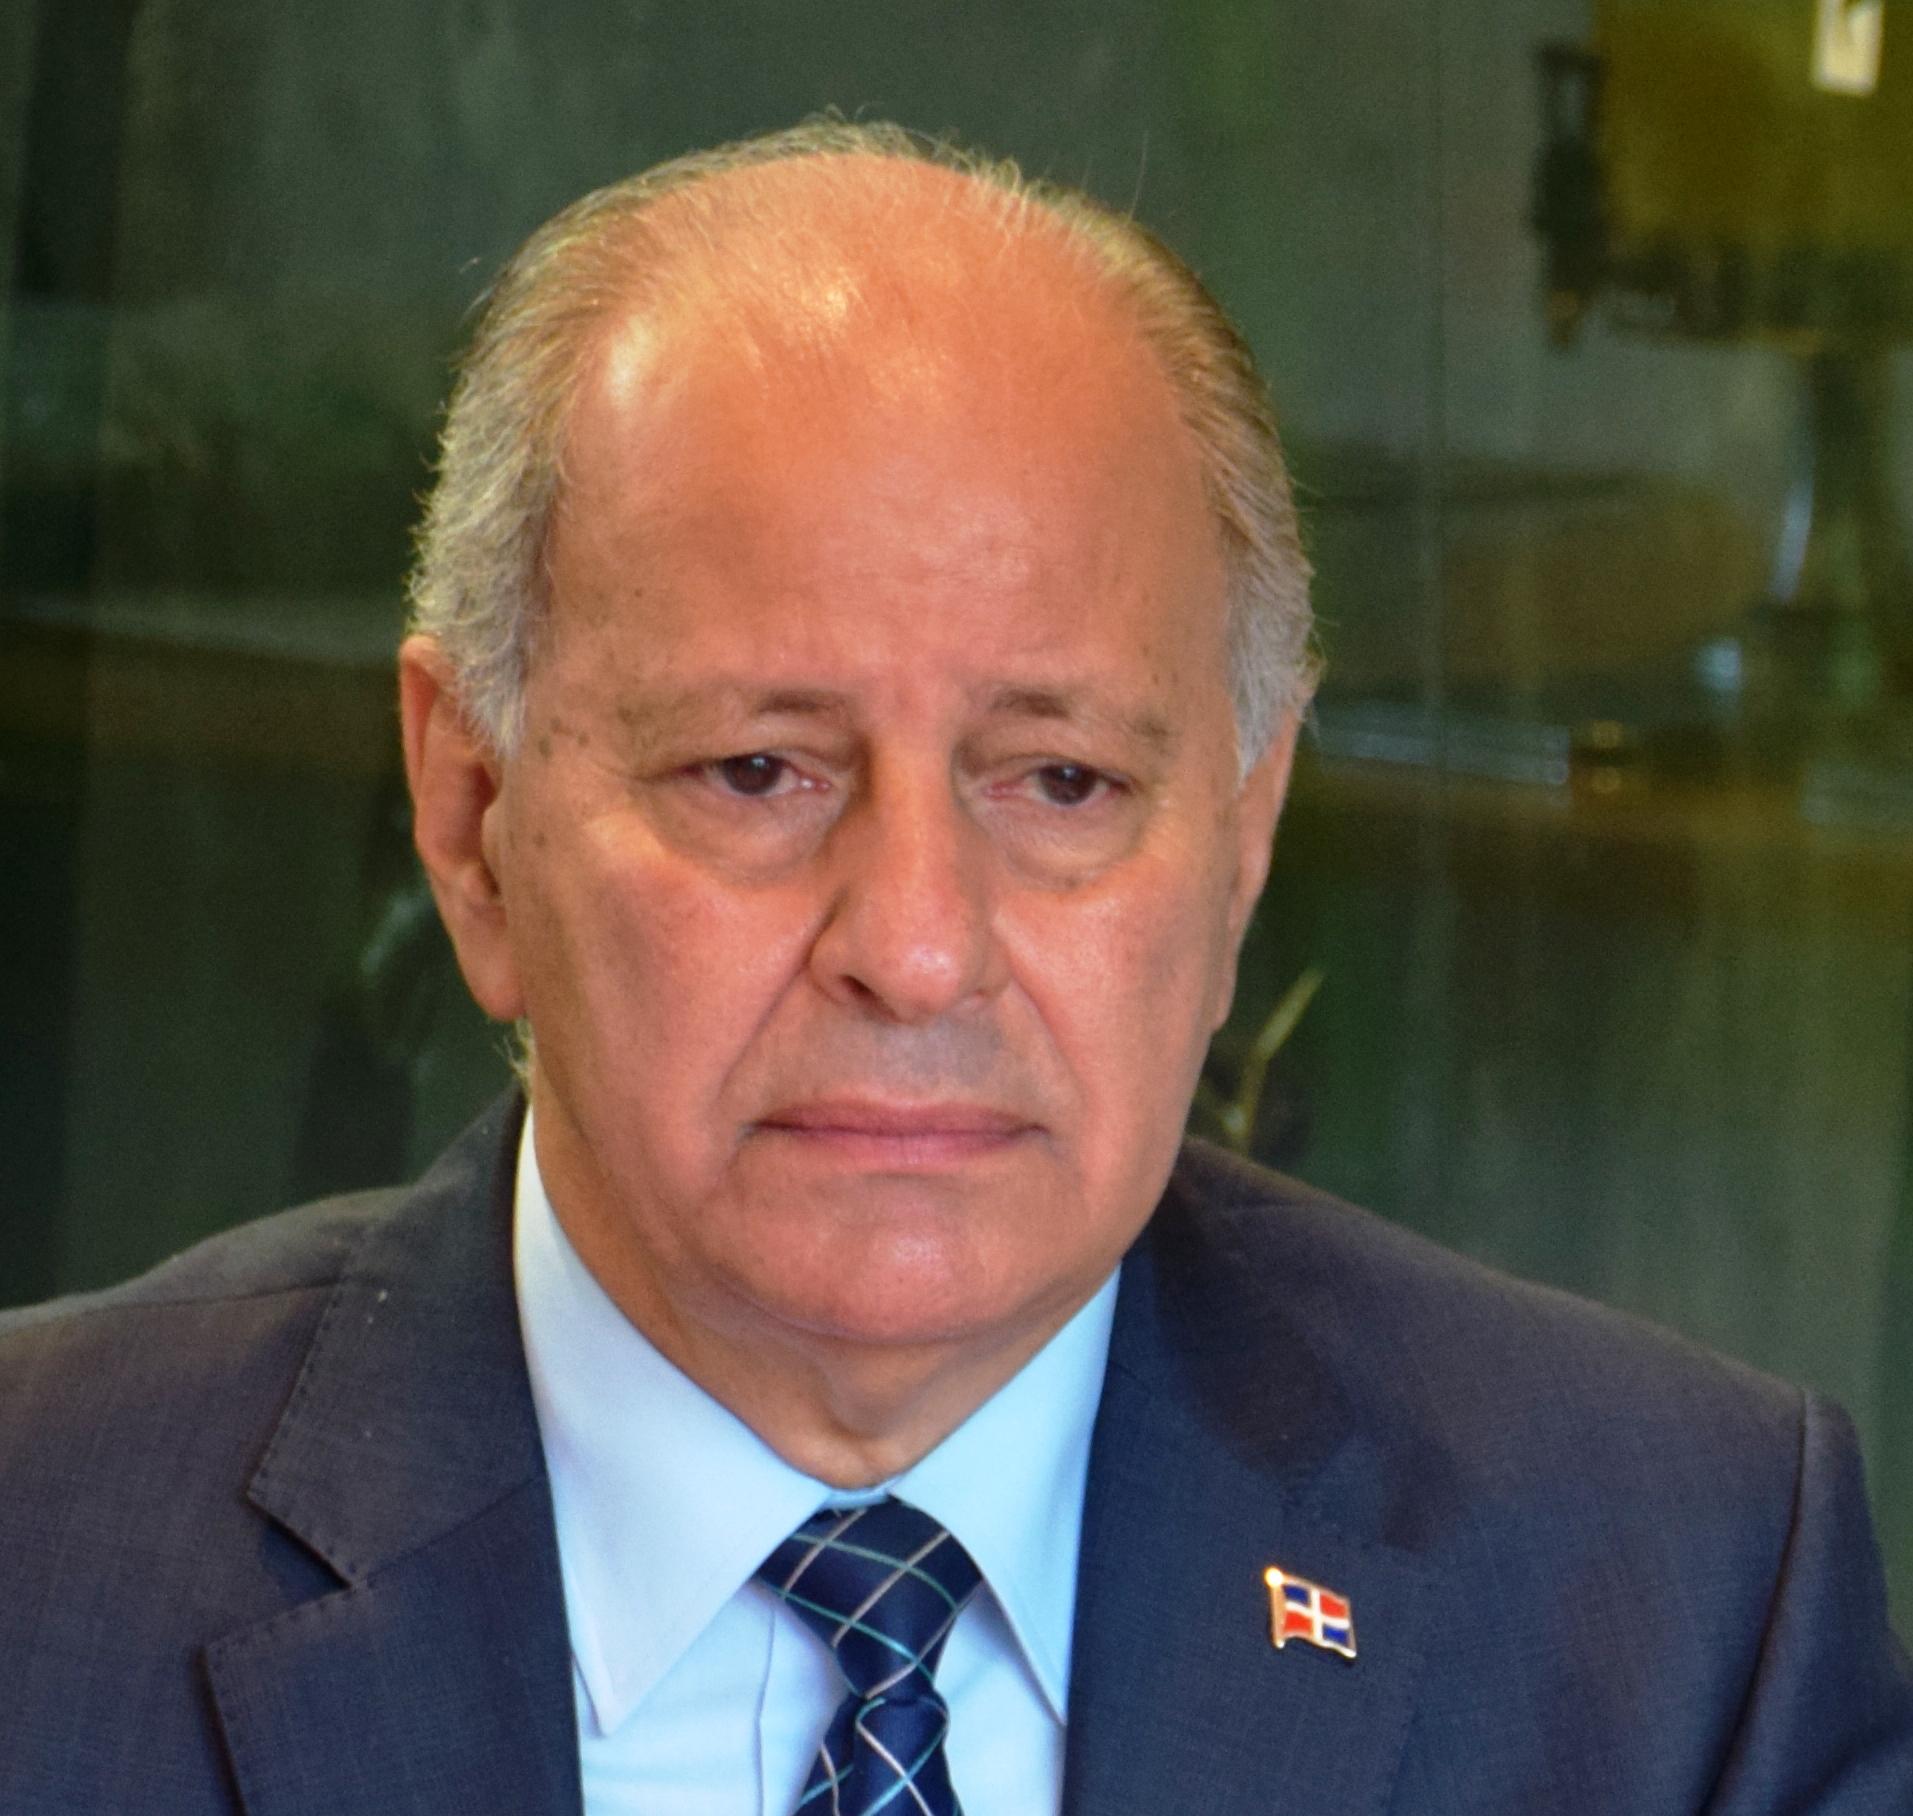 La Asociación de Estados del Caribe podría reunirse para tratar la crisis del COVID-19 en el Gran Caribe